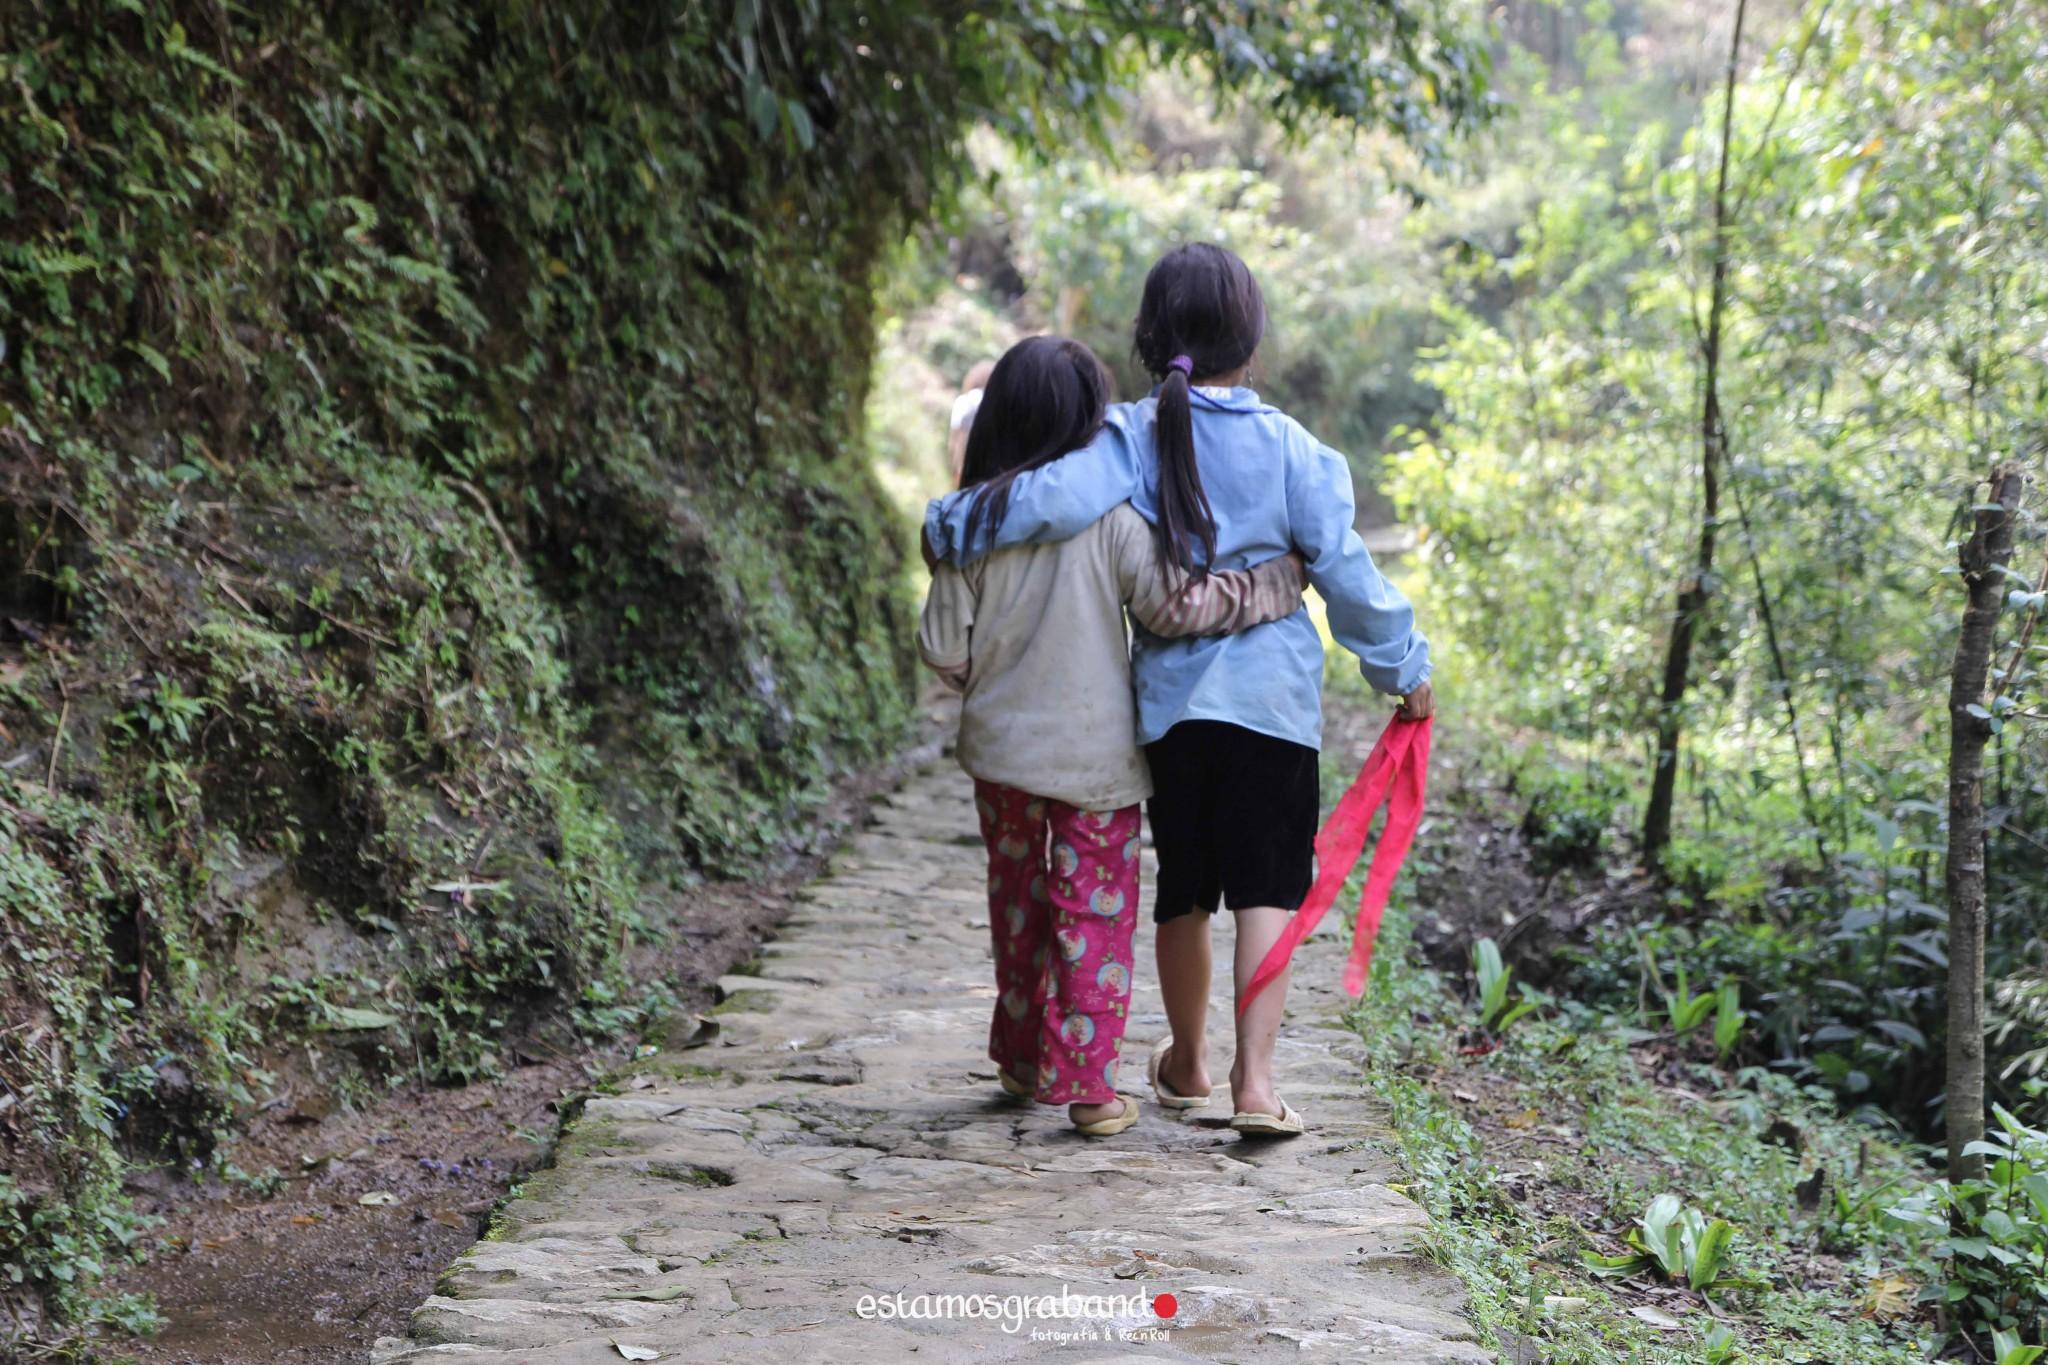 reportaje-vietnam_fotograficc81a-vietnam_estamosgrabando-vietnam_rutasvietnam_reportaje-retratos-fotos-vietnam_fotografia-vietnam_reportaje-estamosgrabando-fotograficc81a-vietnam-33 Pequeños grandes recuerdos de Vietnam en 100 imágenes - video boda cadiz